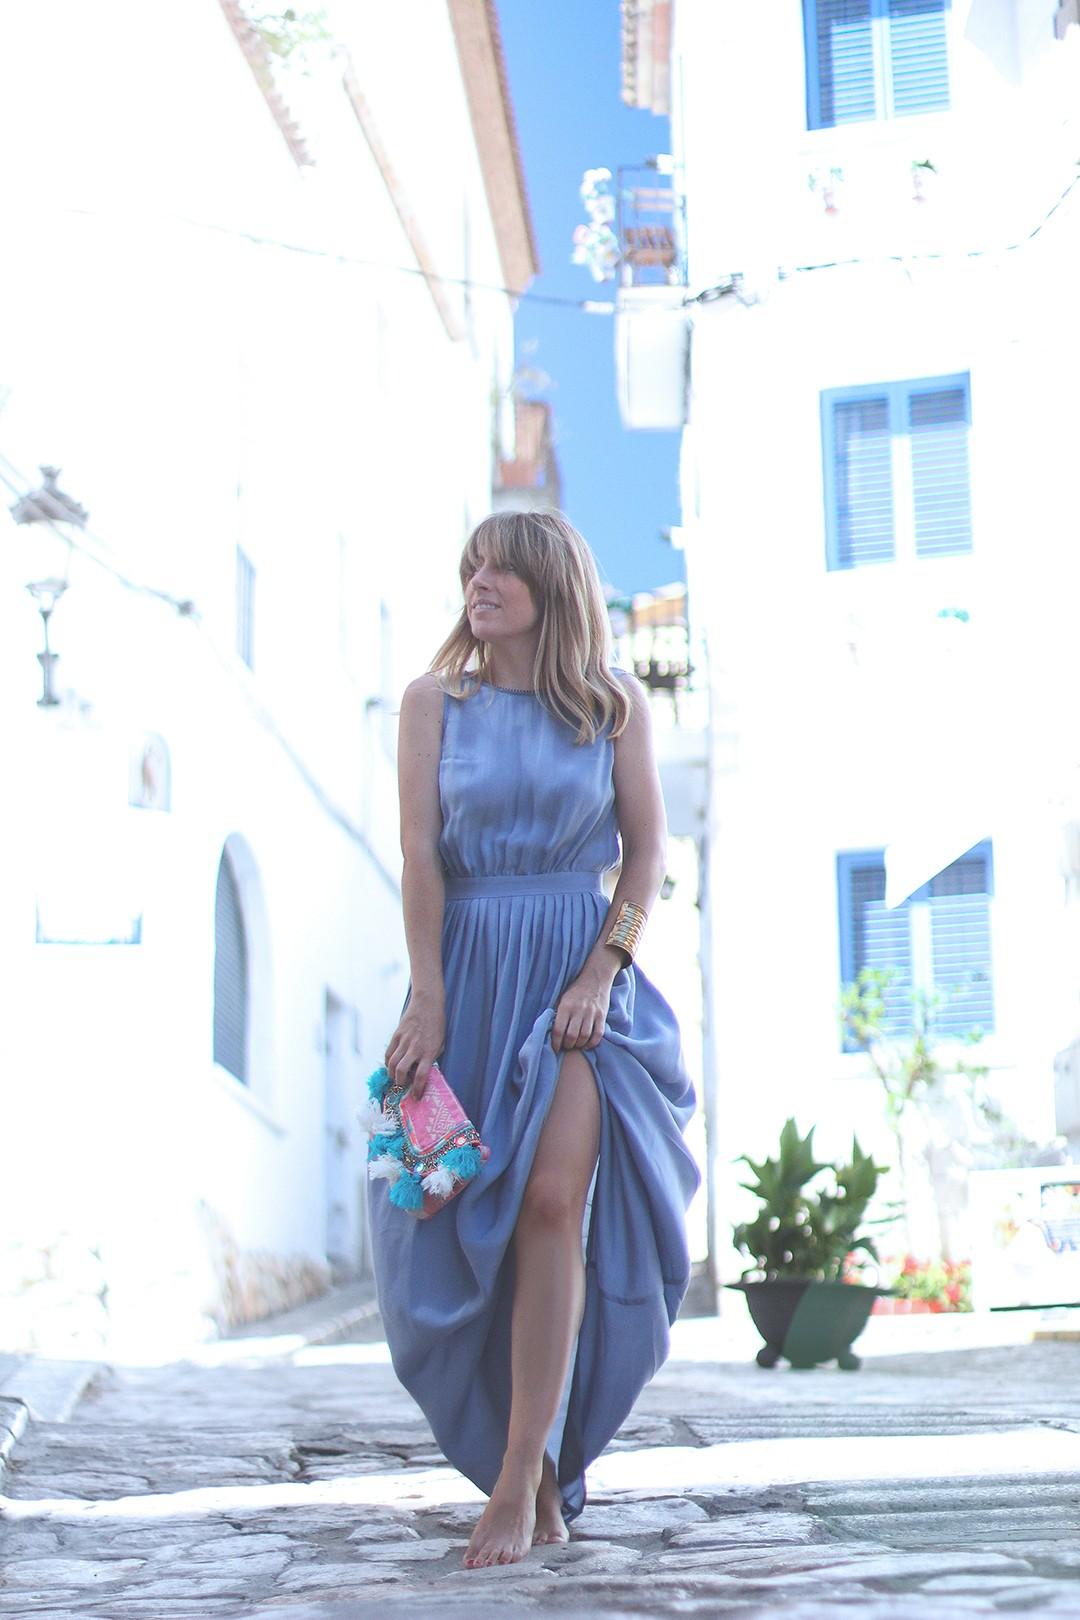 Summer-maxi-dress-blogger-2016-summer-trends